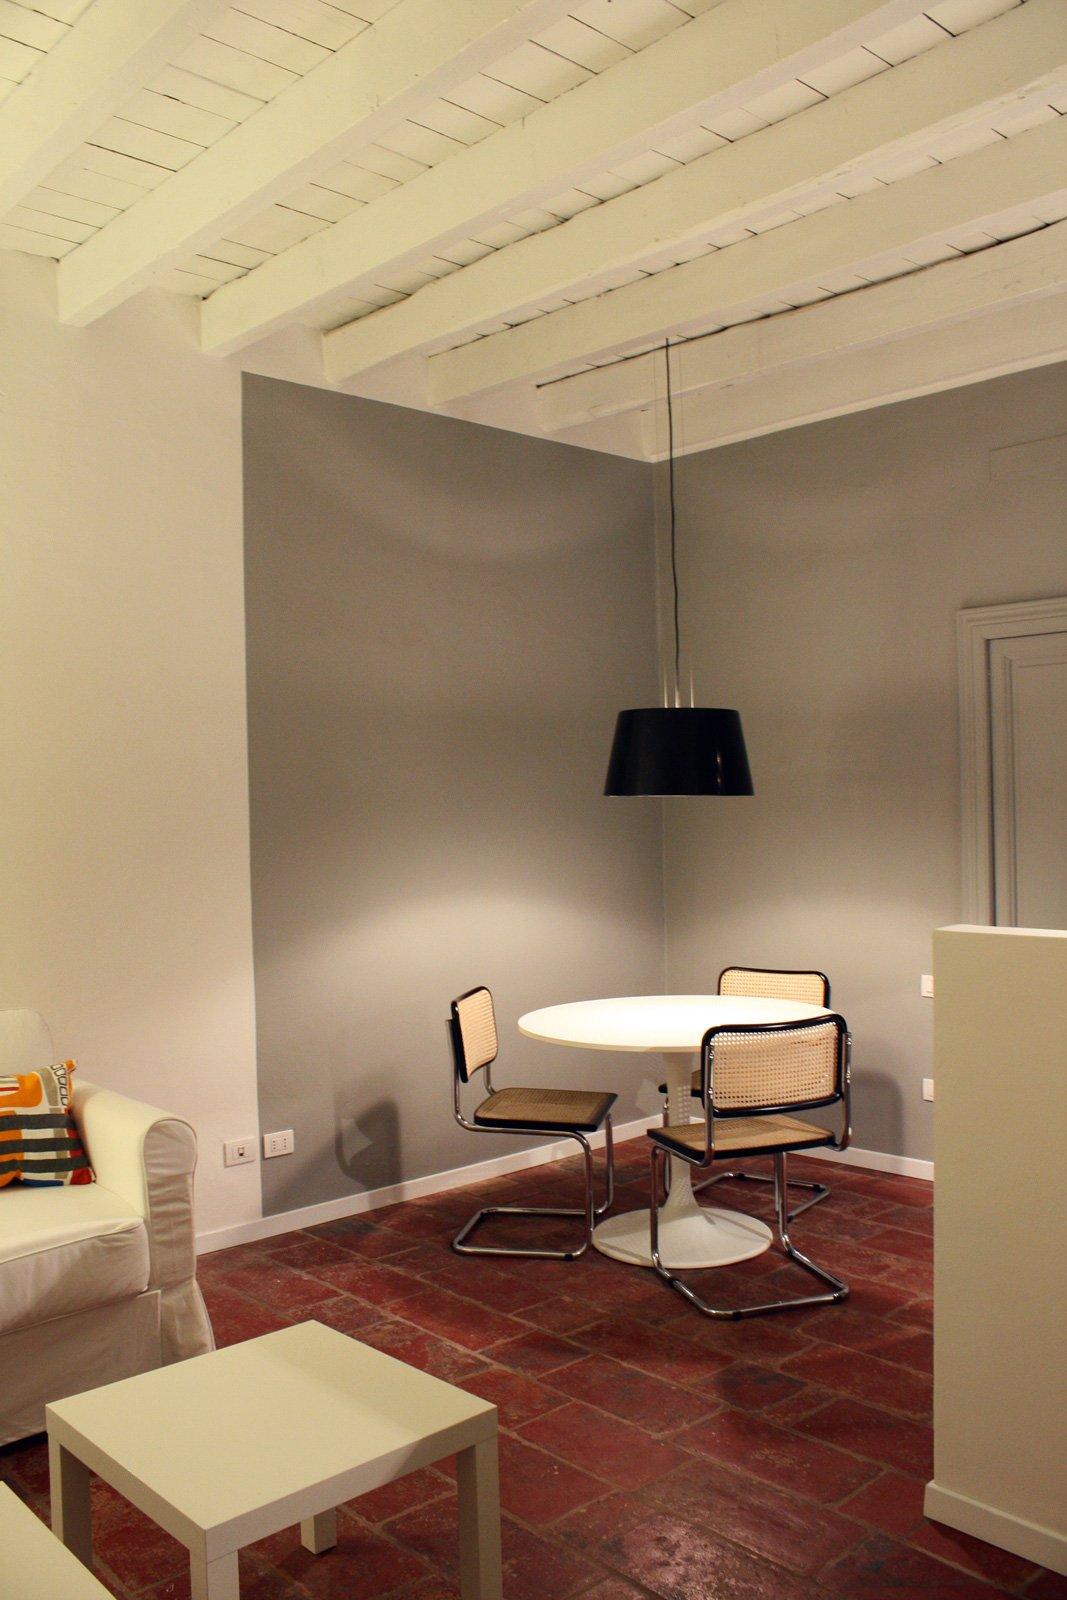 Pitture per pareti particolari ib39 regardsdefemmes for Pitture murali interni